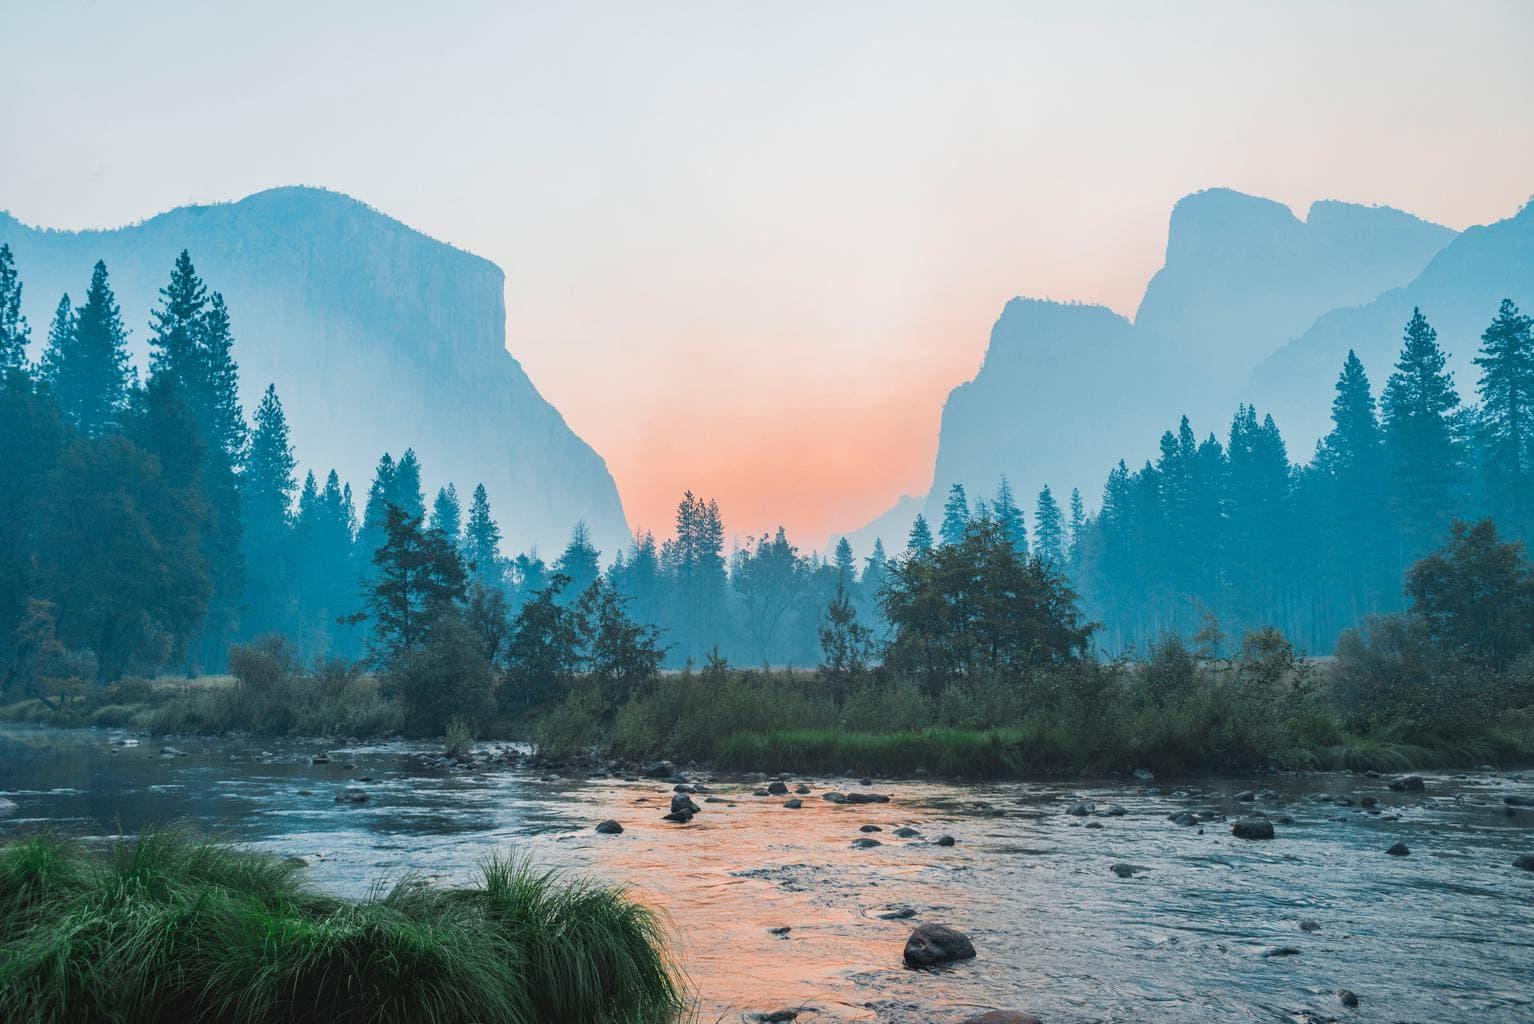 Paisaje de montañas y río